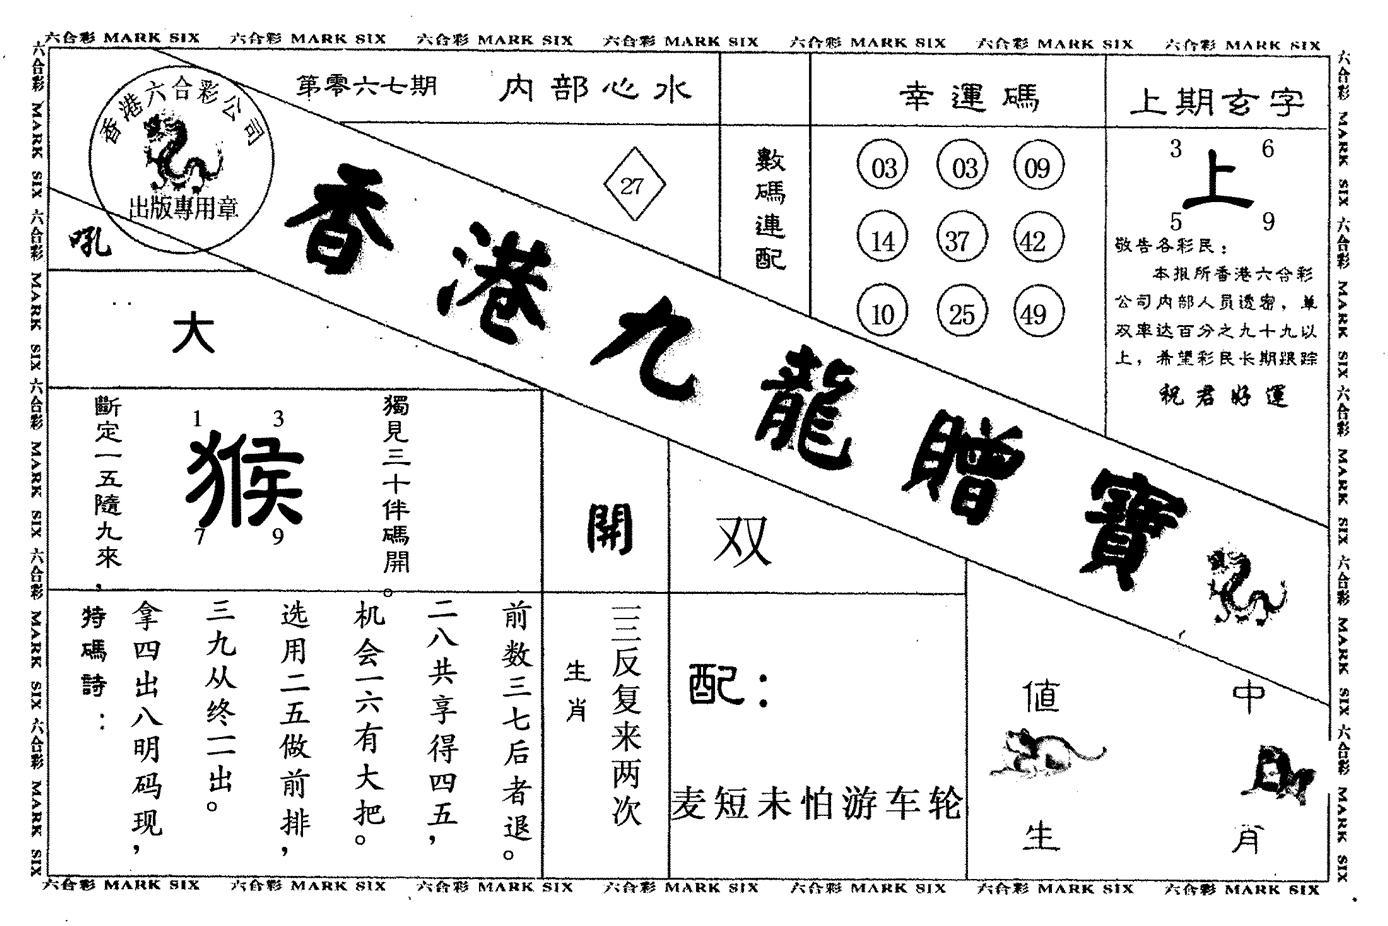 067期九大赠宝(黑白)